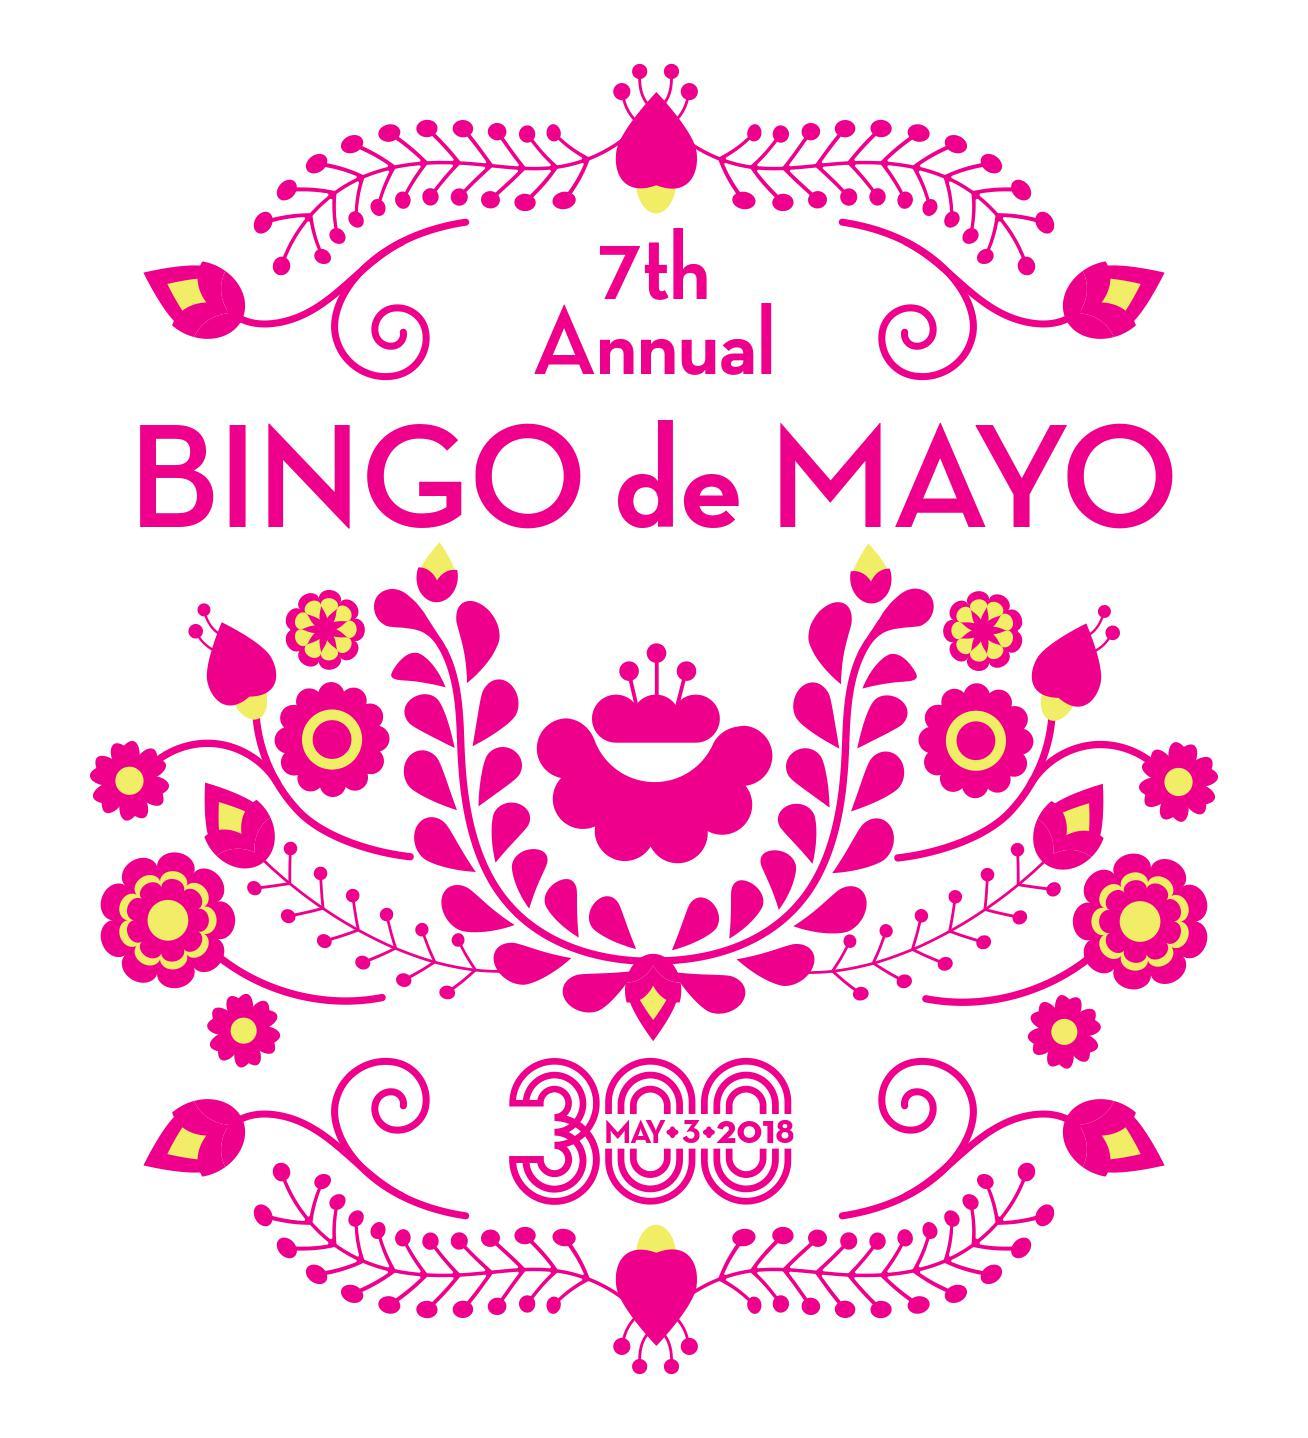 Tricentennial Bingo de Mayo!